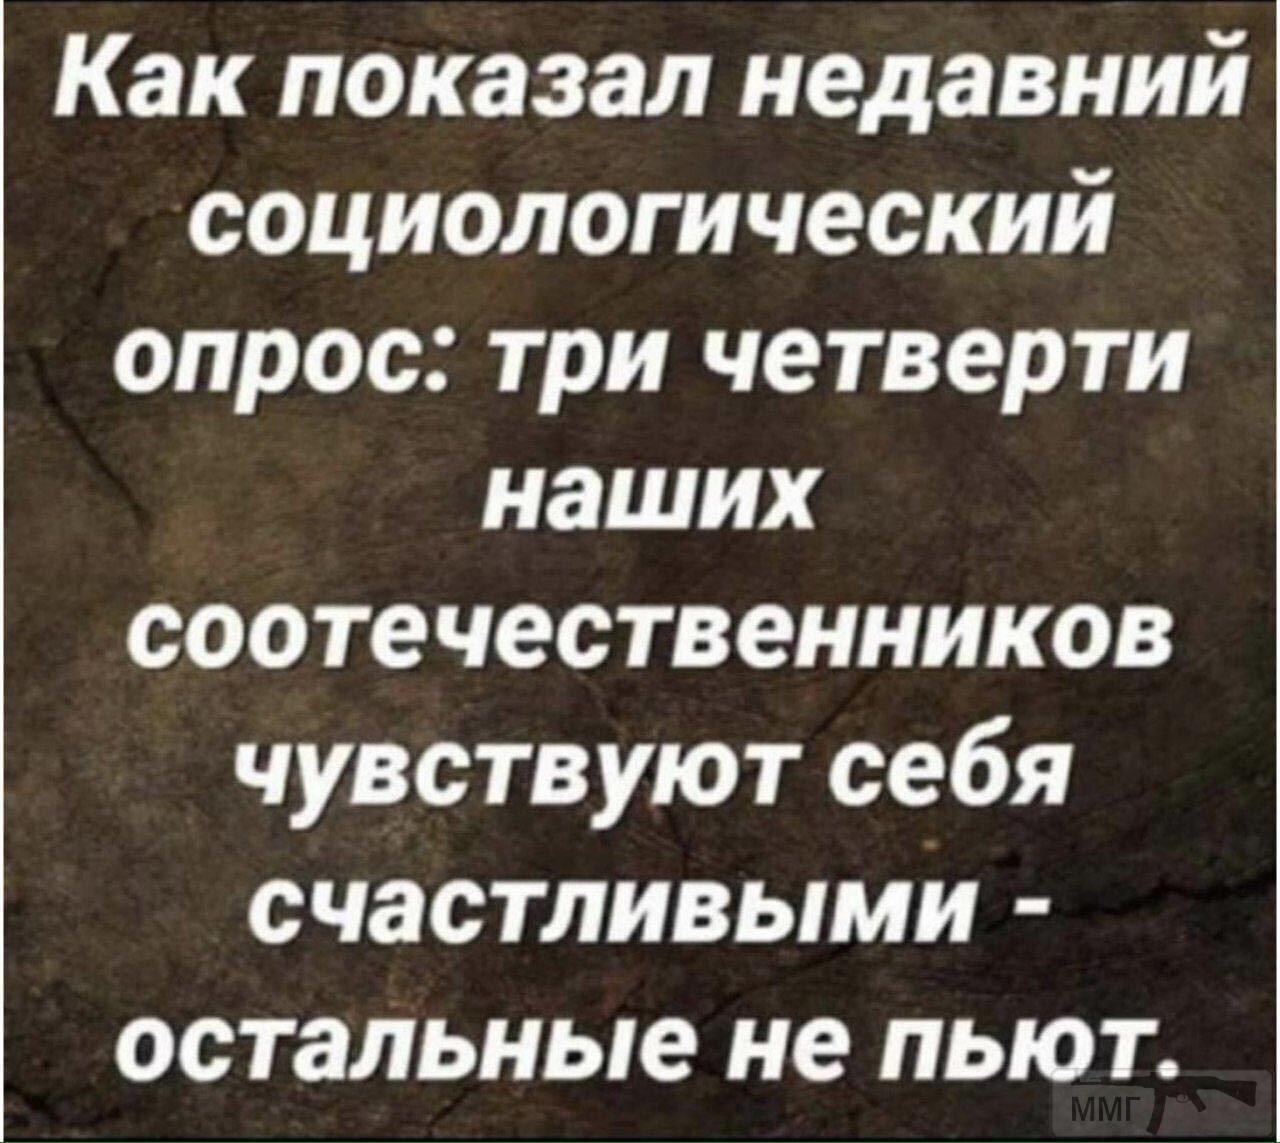 108272 - Пить или не пить? - пятничная алкогольная тема )))